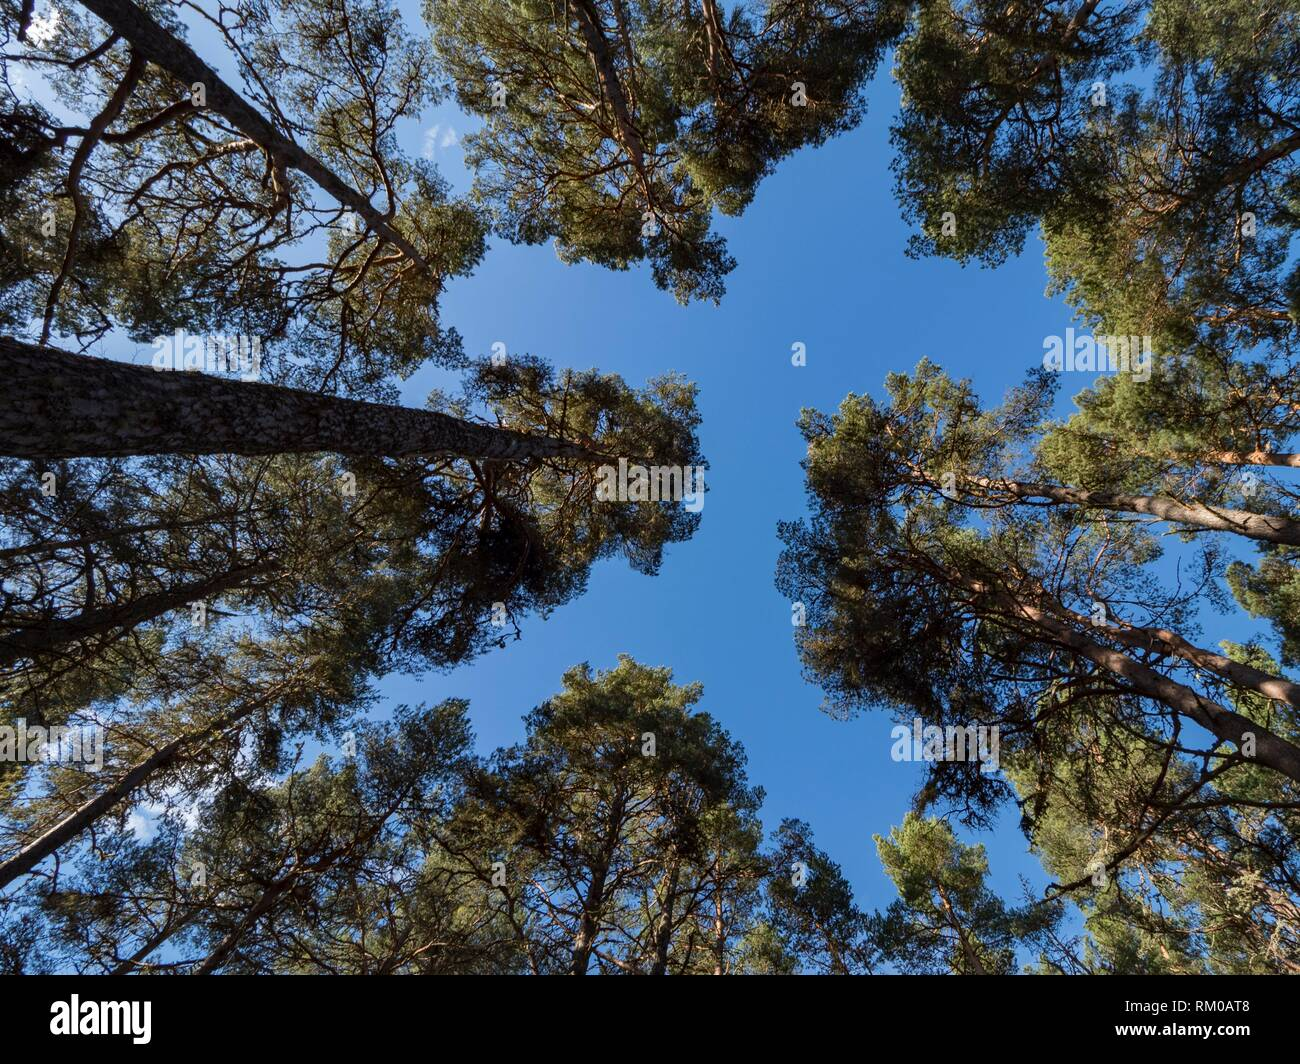 Scotland Loch Garten. - Stock Image